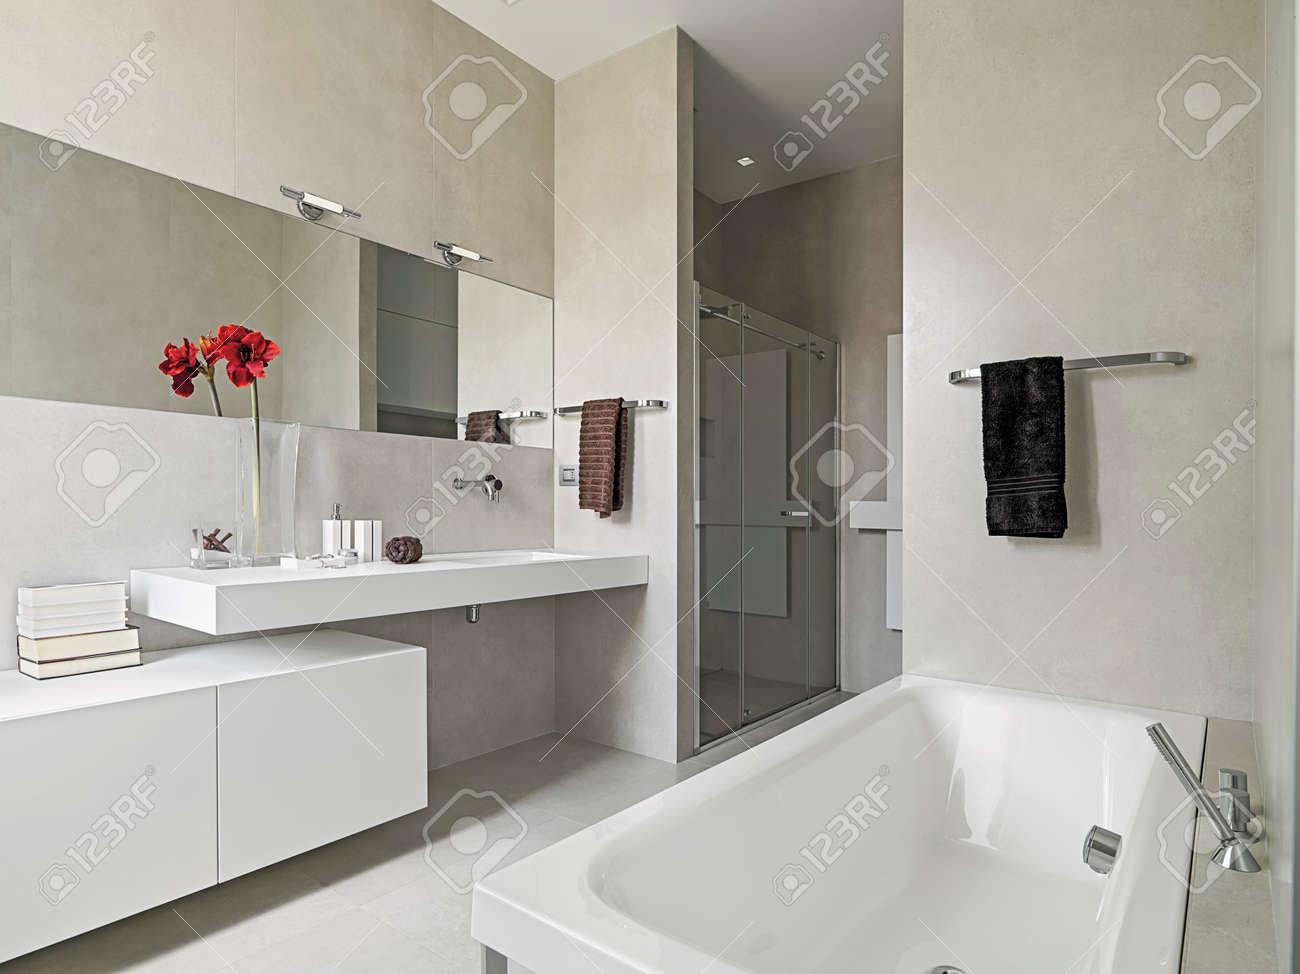 banque dimages vue panoramique dune salle de bains moderne avec baignoire et lavabo - Salle De Bain Moderne Avec Baignoire